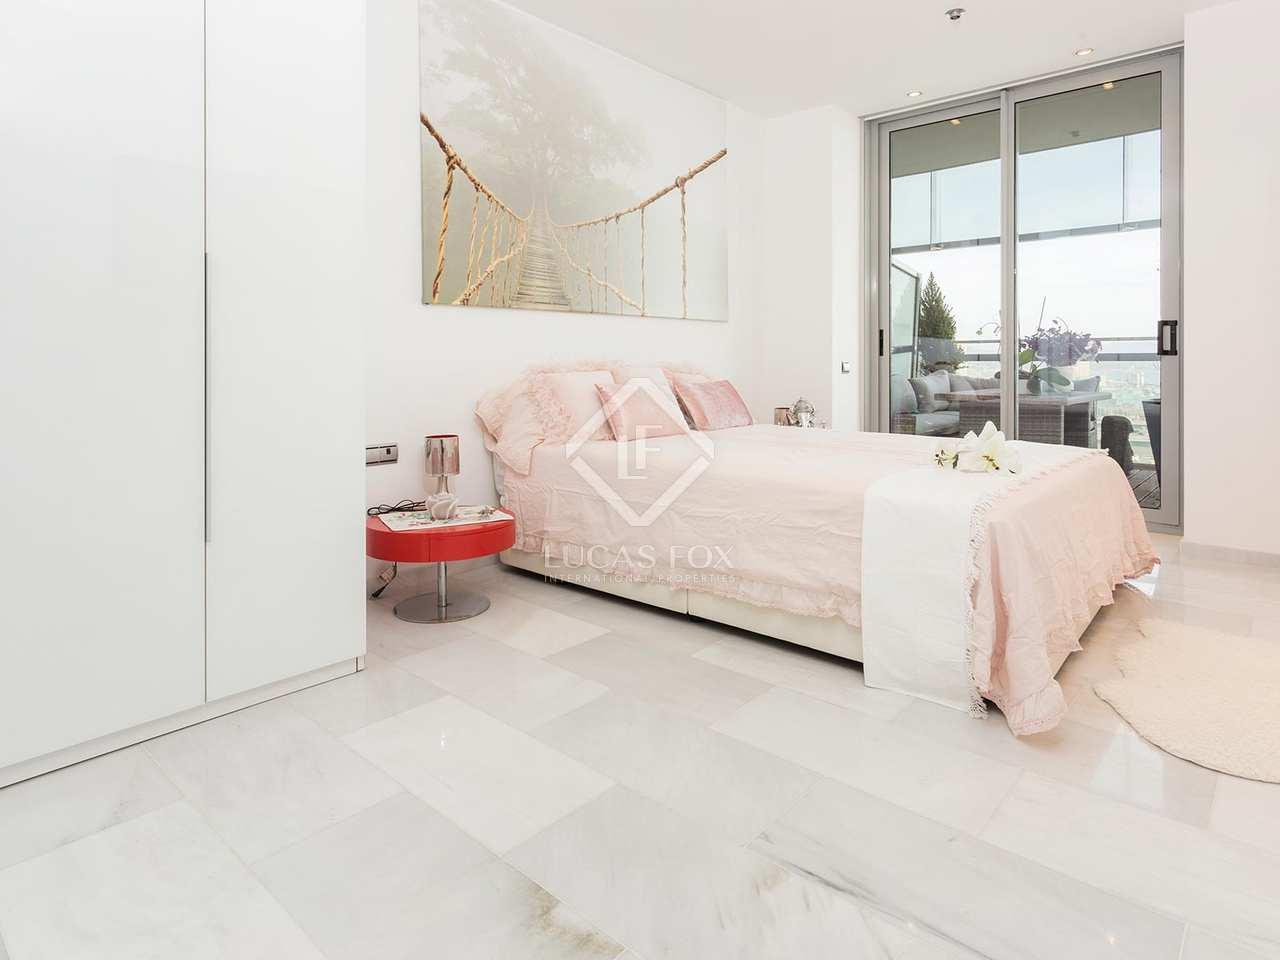 Appartement de 120m a vendre diagonal mar avec 63m for Appartement avec piscine barcelone